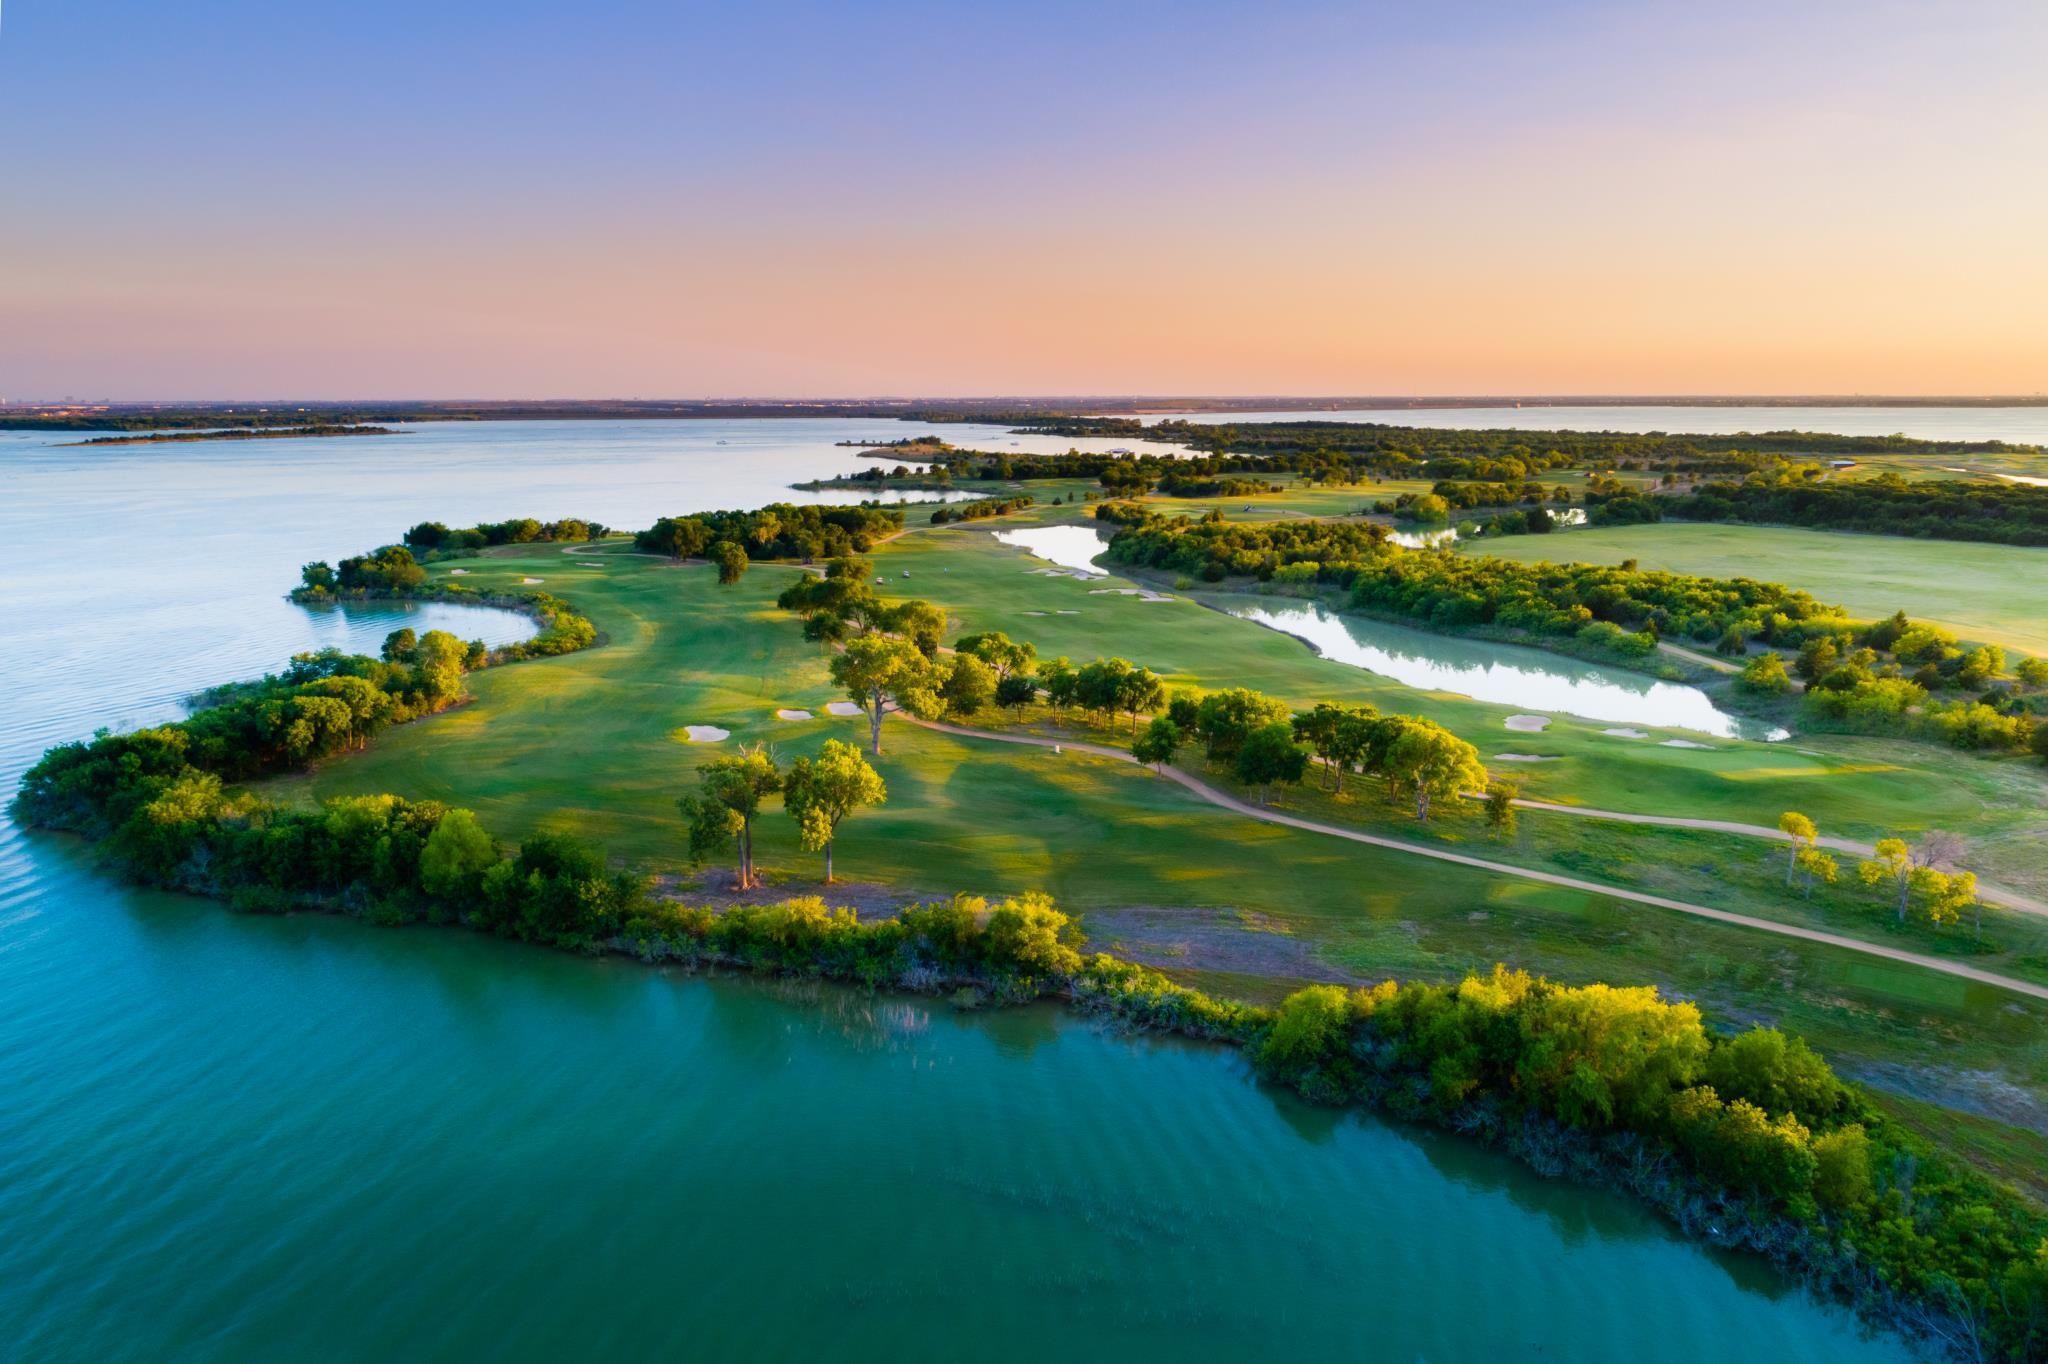 37+ American golf sunbury ideas